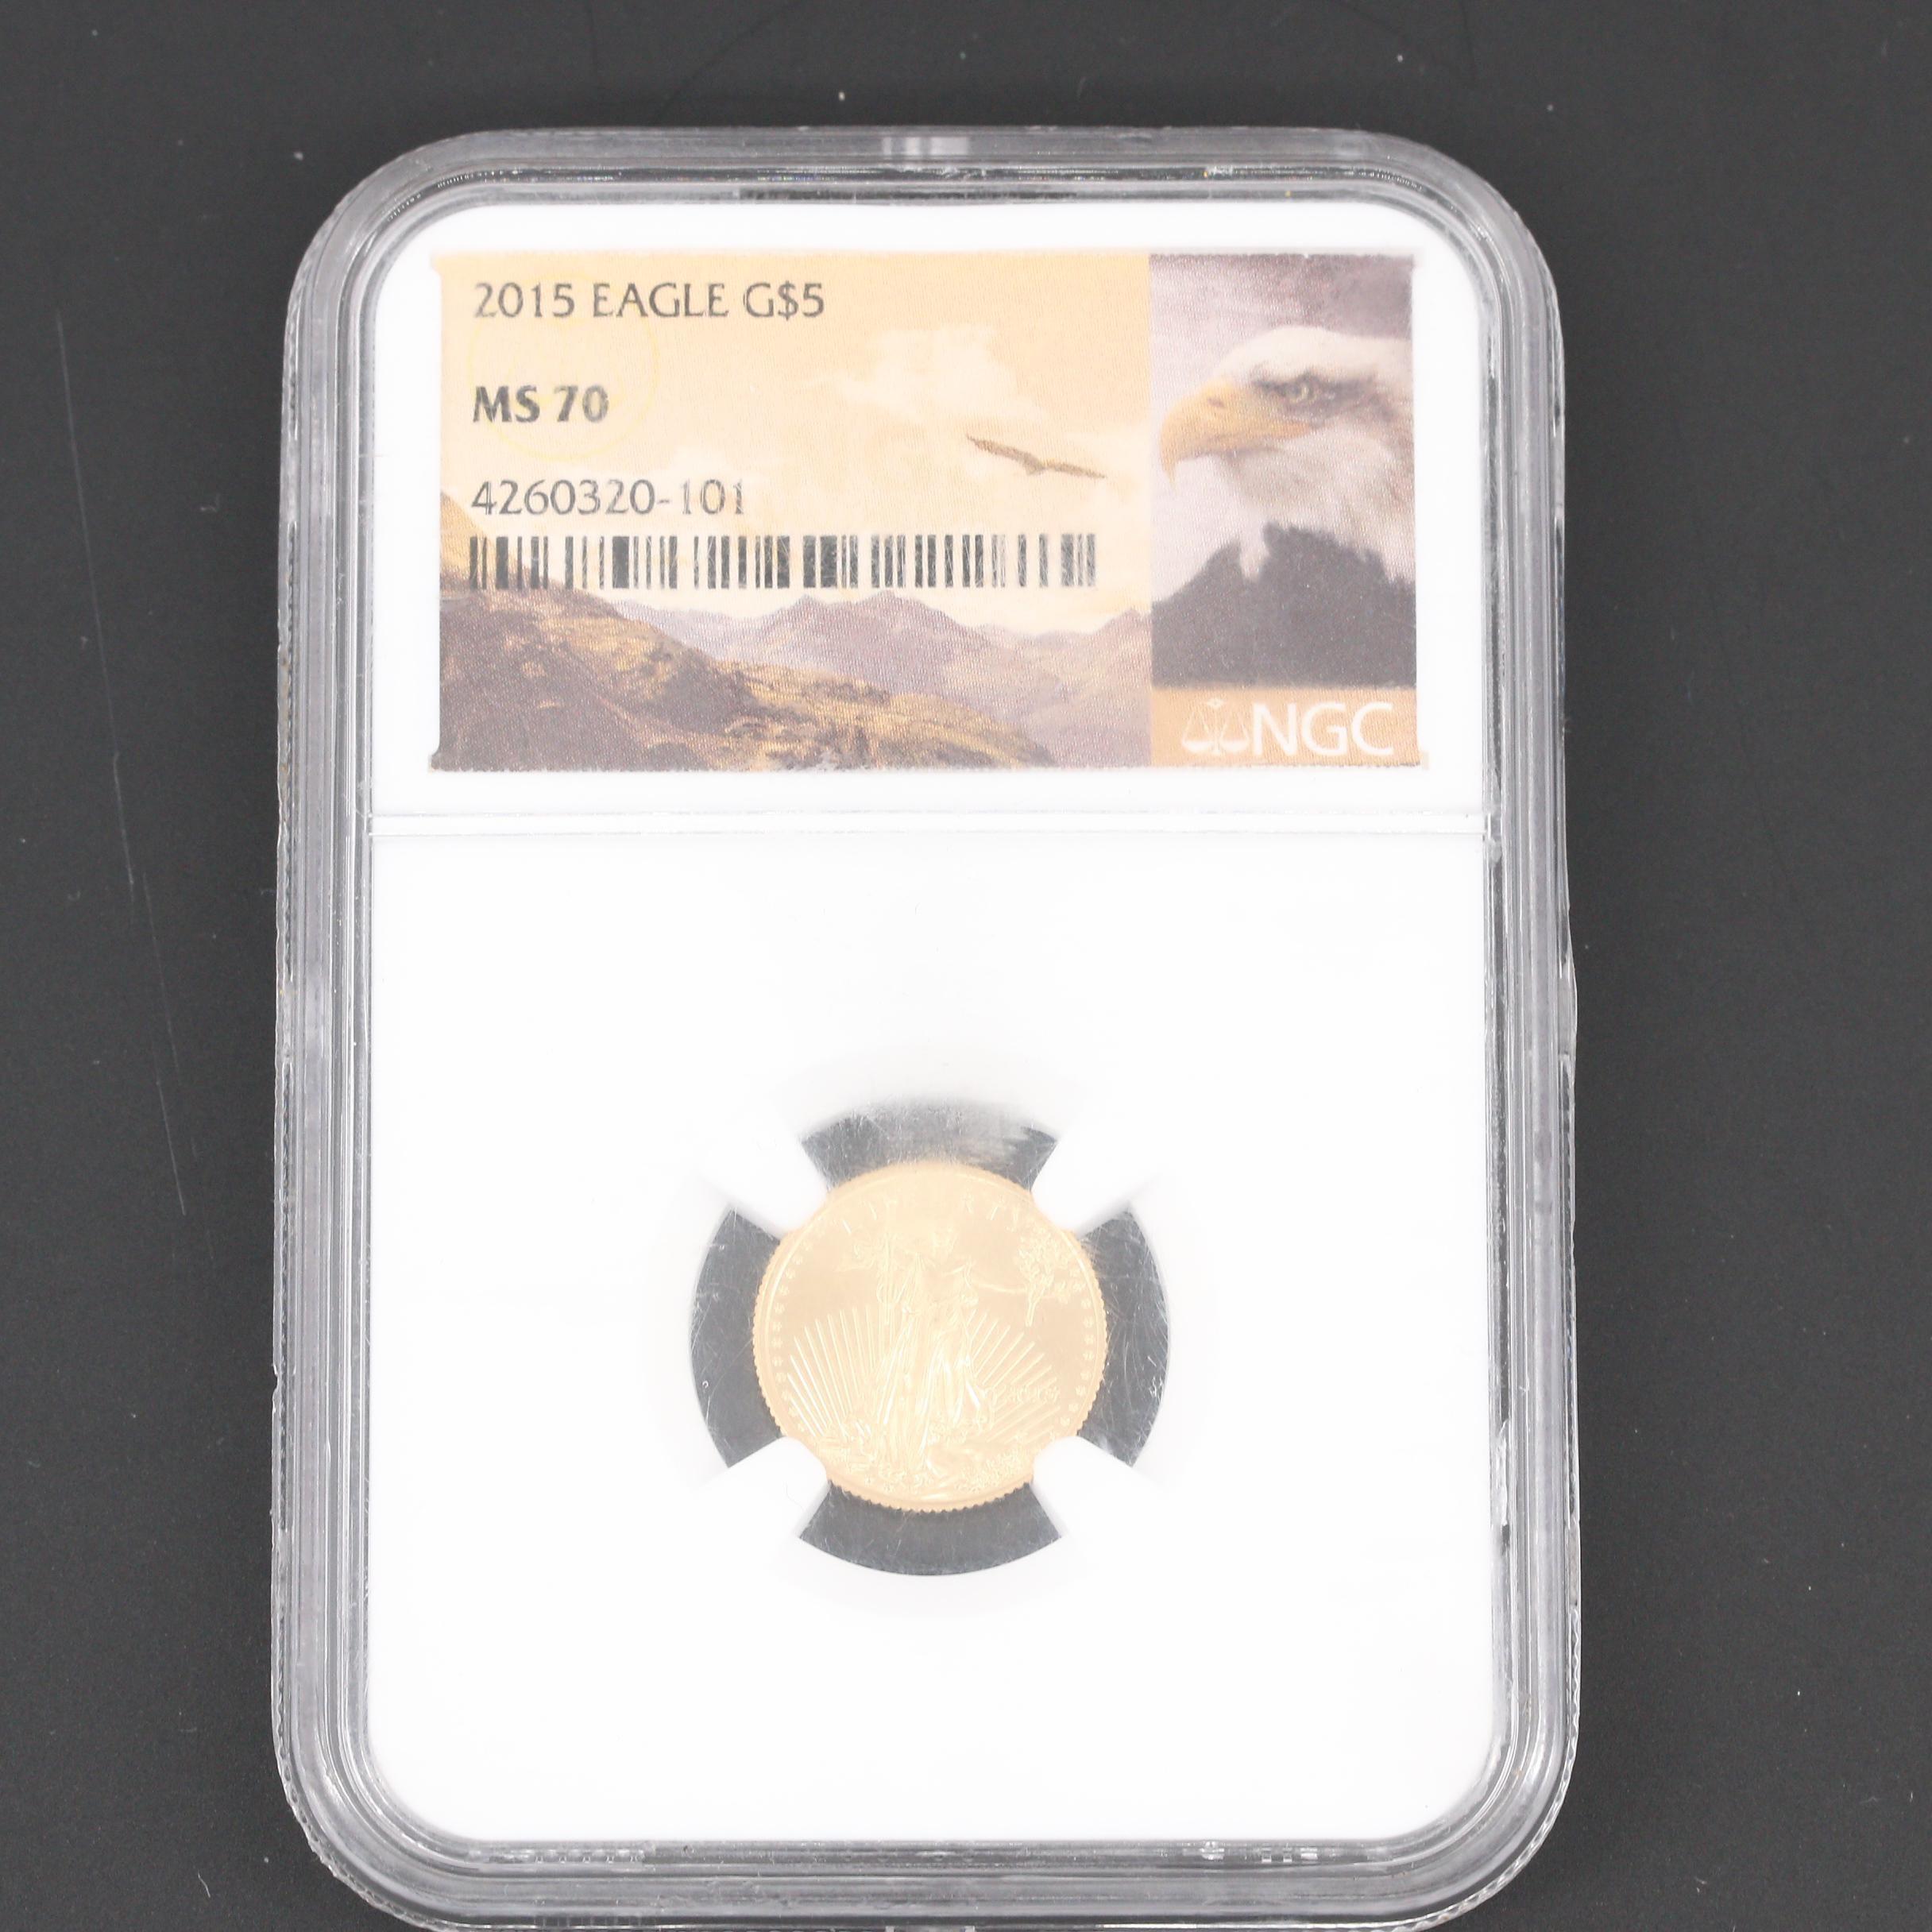 NGC Graded 2015 $5 Gold Eagle 1/10 Oz. Bullion Coin